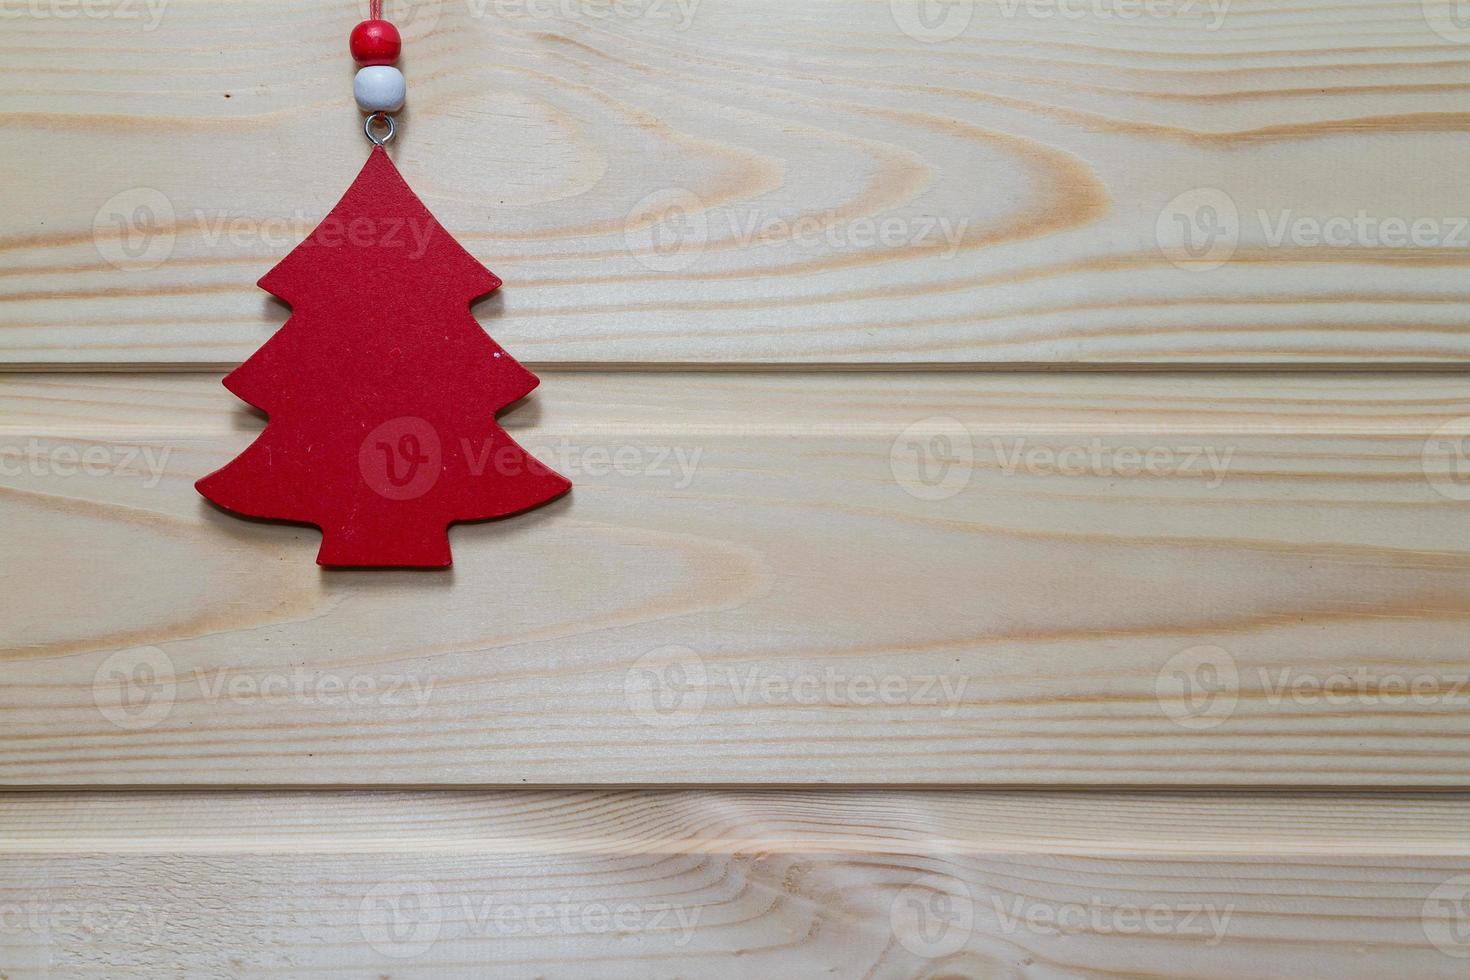 fundo de madeira de natal decorado com um brinquedo. foto